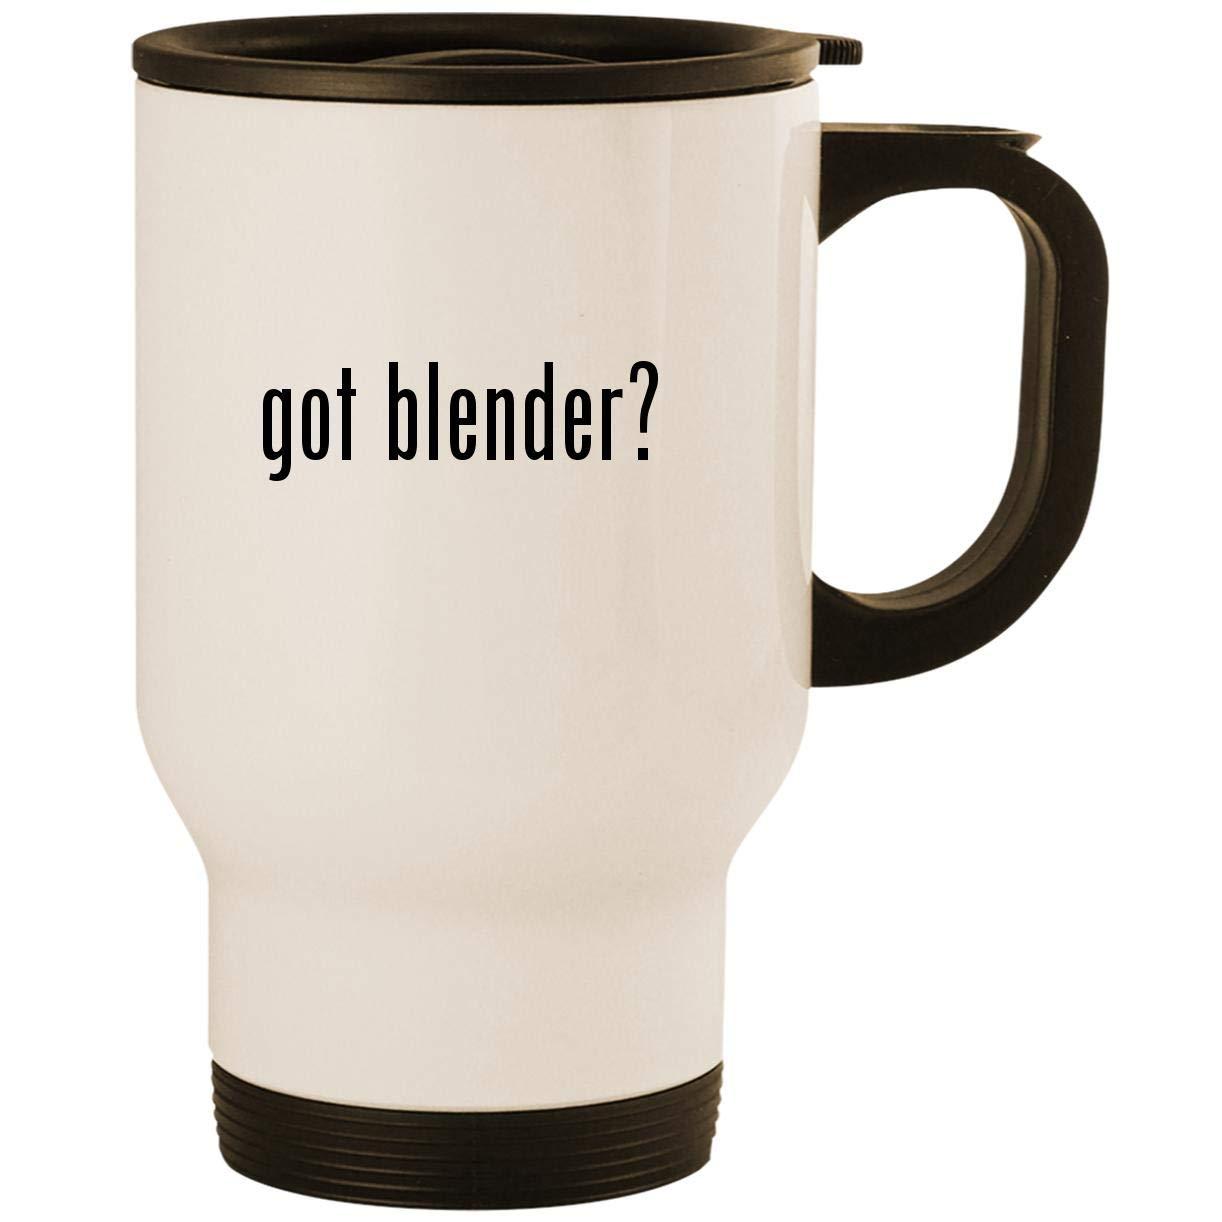 got blender? - Stainless Steel 14oz Road Ready Travel Mug, White